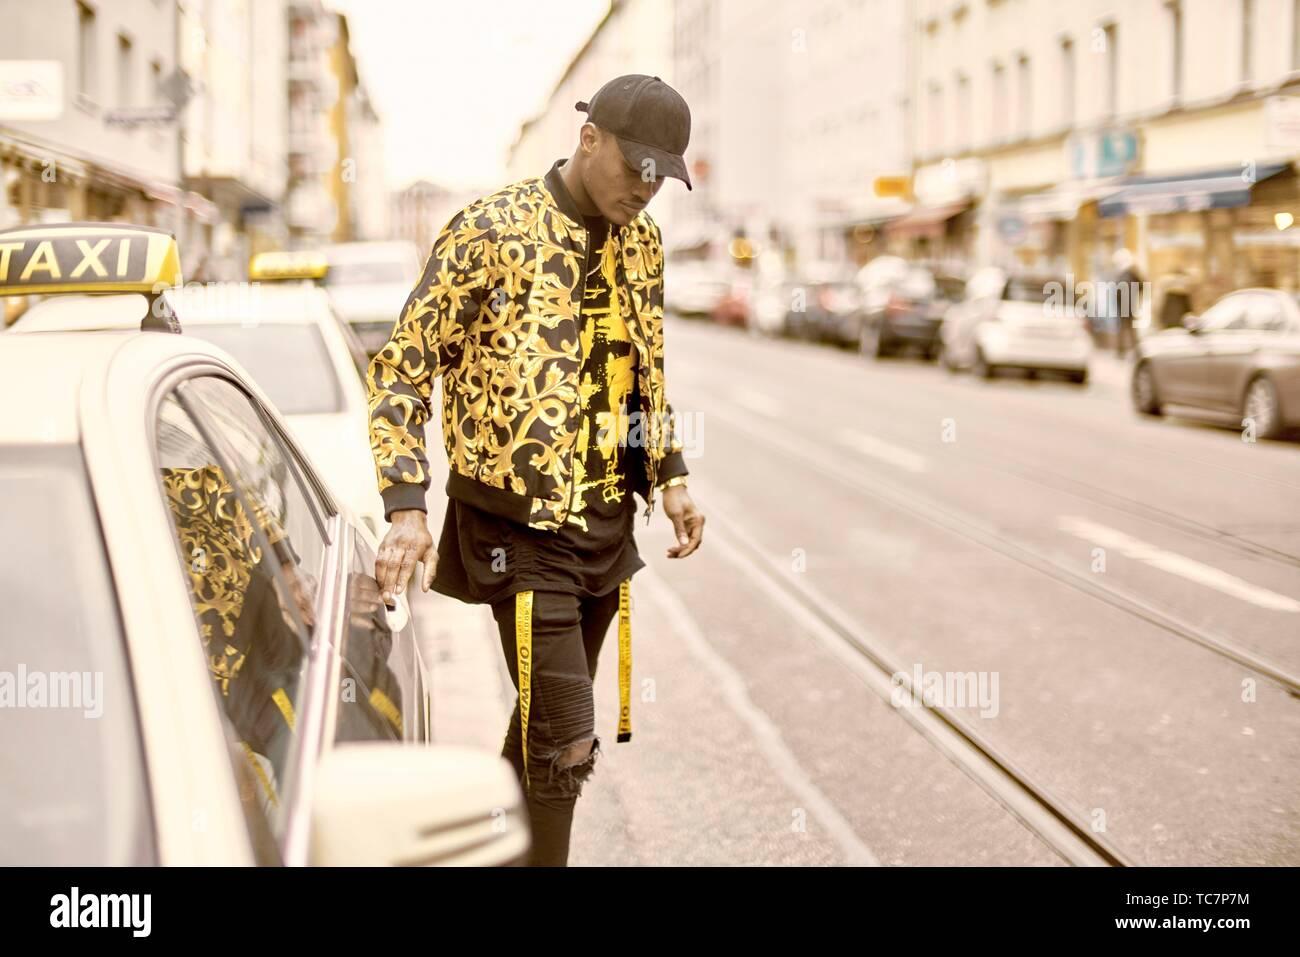 7618704f52 Junge stilvollen Mann mit den Händen auf türklinke Taxi, Öffnen der  Autotür, in der